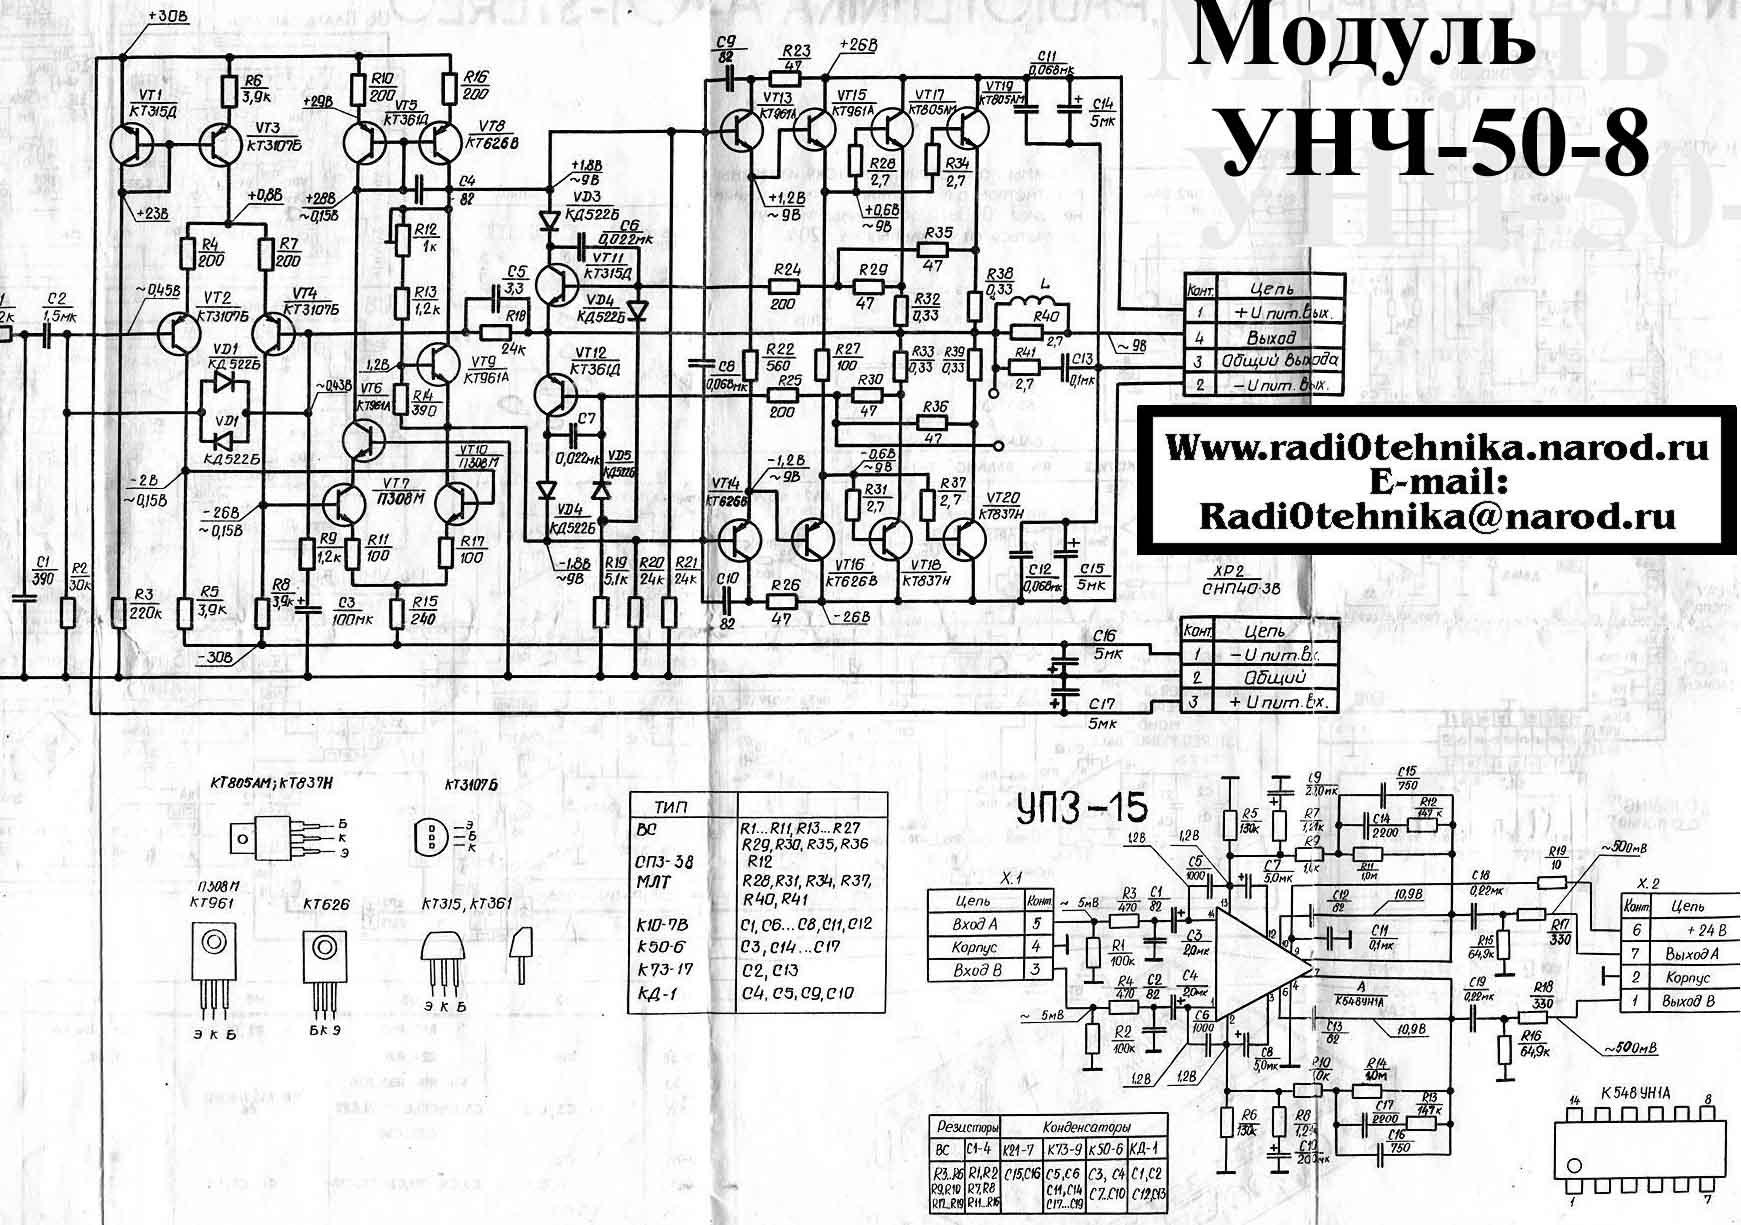 Схема усилителя радиотехника у-101 стерео